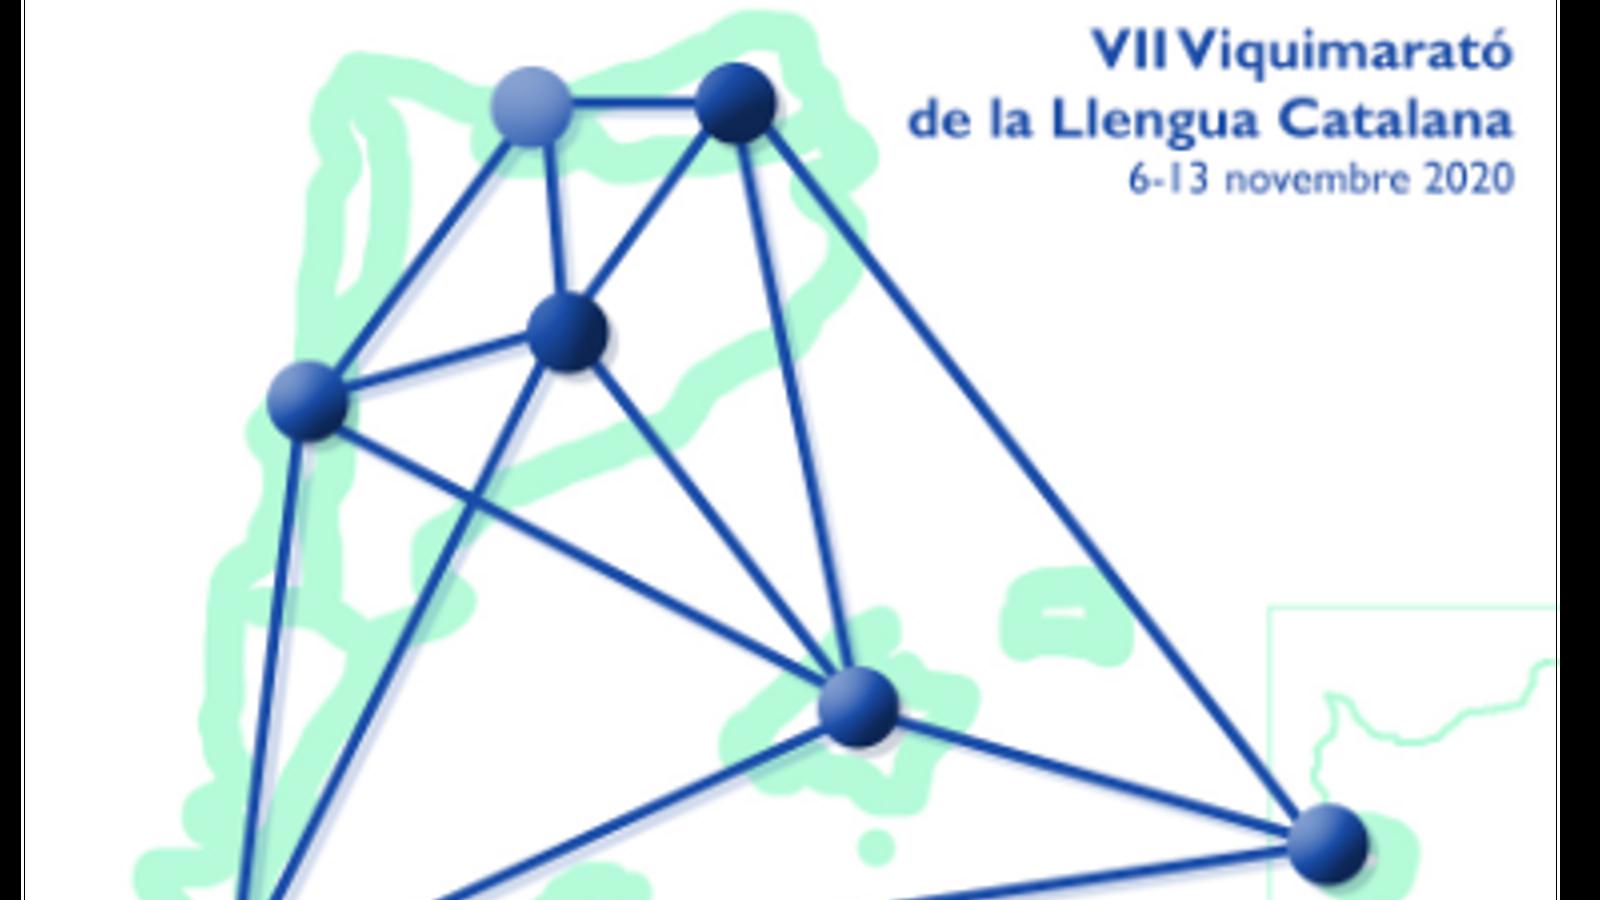 Els set territoris de parla catalana participaran per primera vegada junts a la Viquimarató de la Llengua Catalana